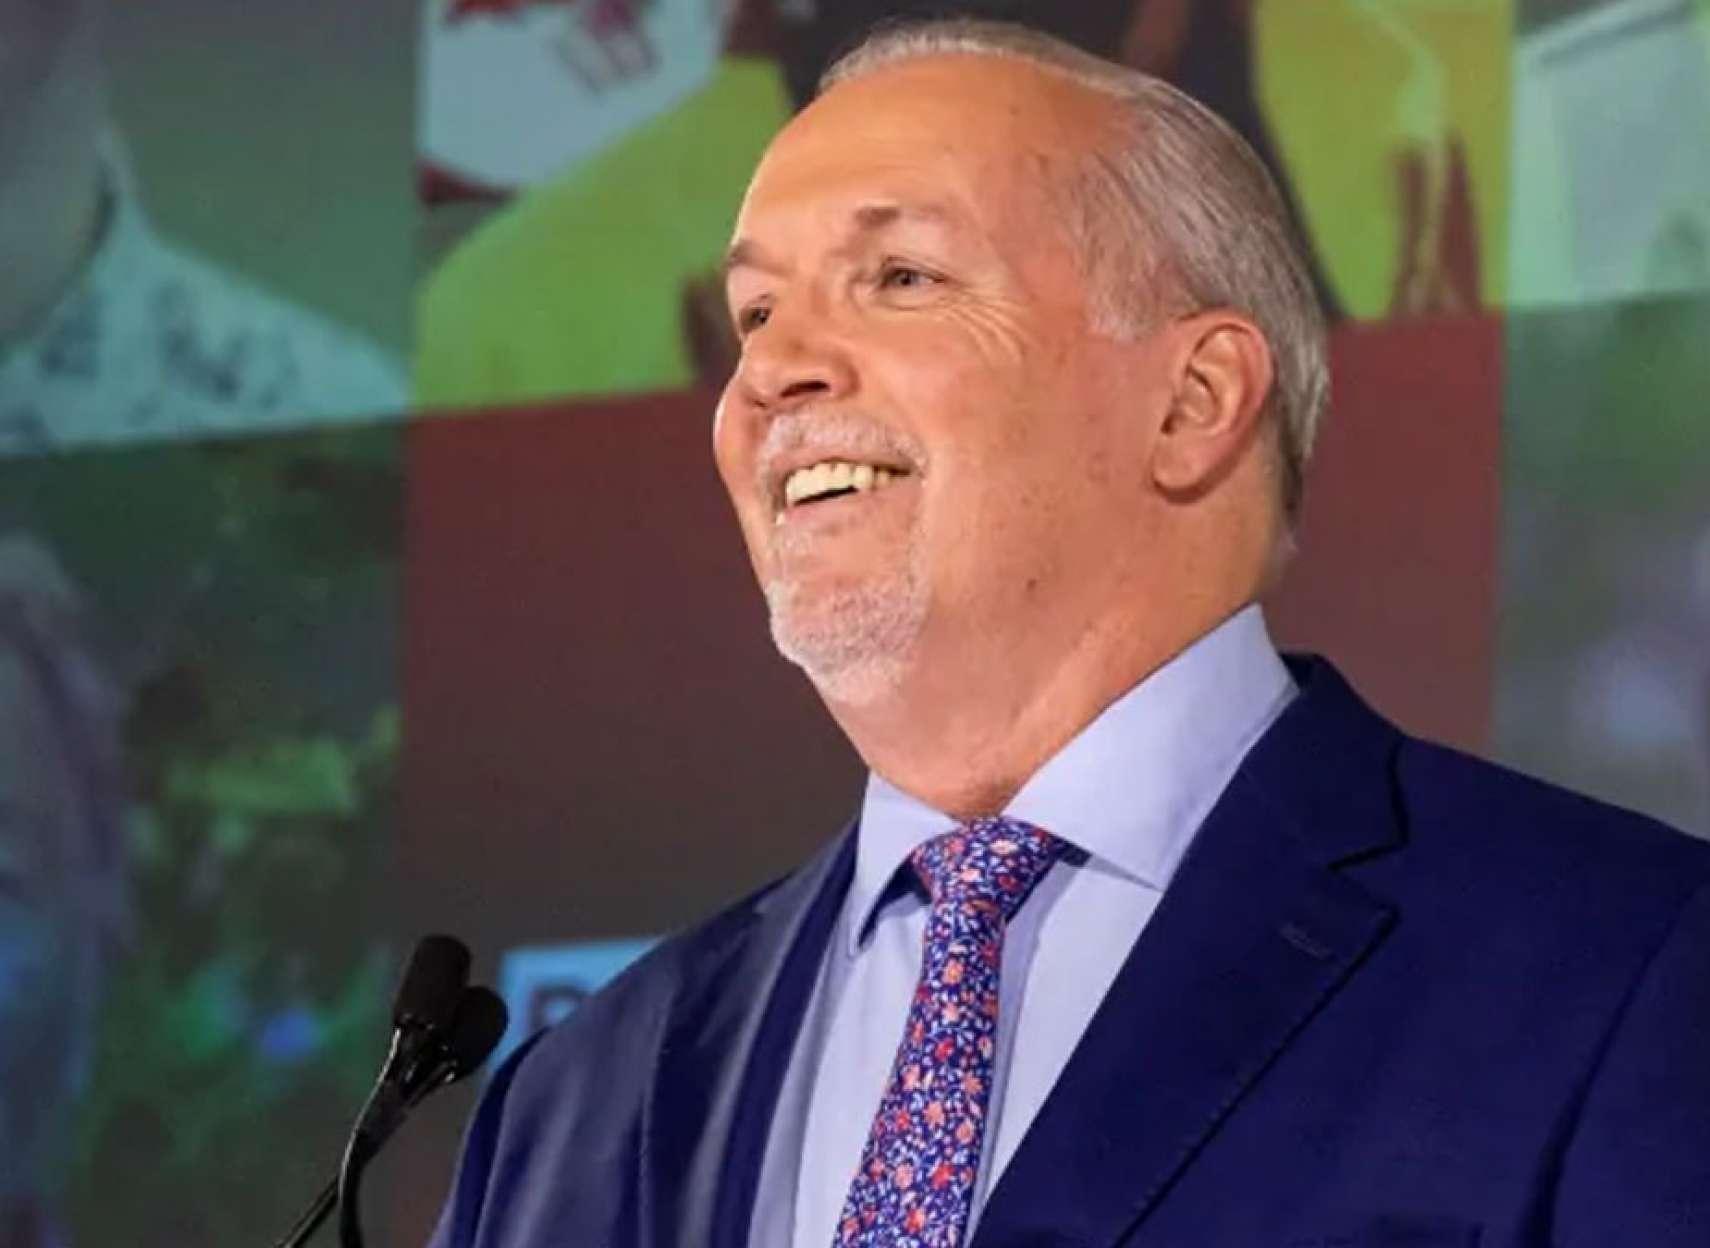 اخبار-کانادا-پیروزی-و-تشکیل-دولت-اکثریت-نیودموکرات-ها-در-بریتیش-کلمبیا-و-شکست-لیبرال-ها